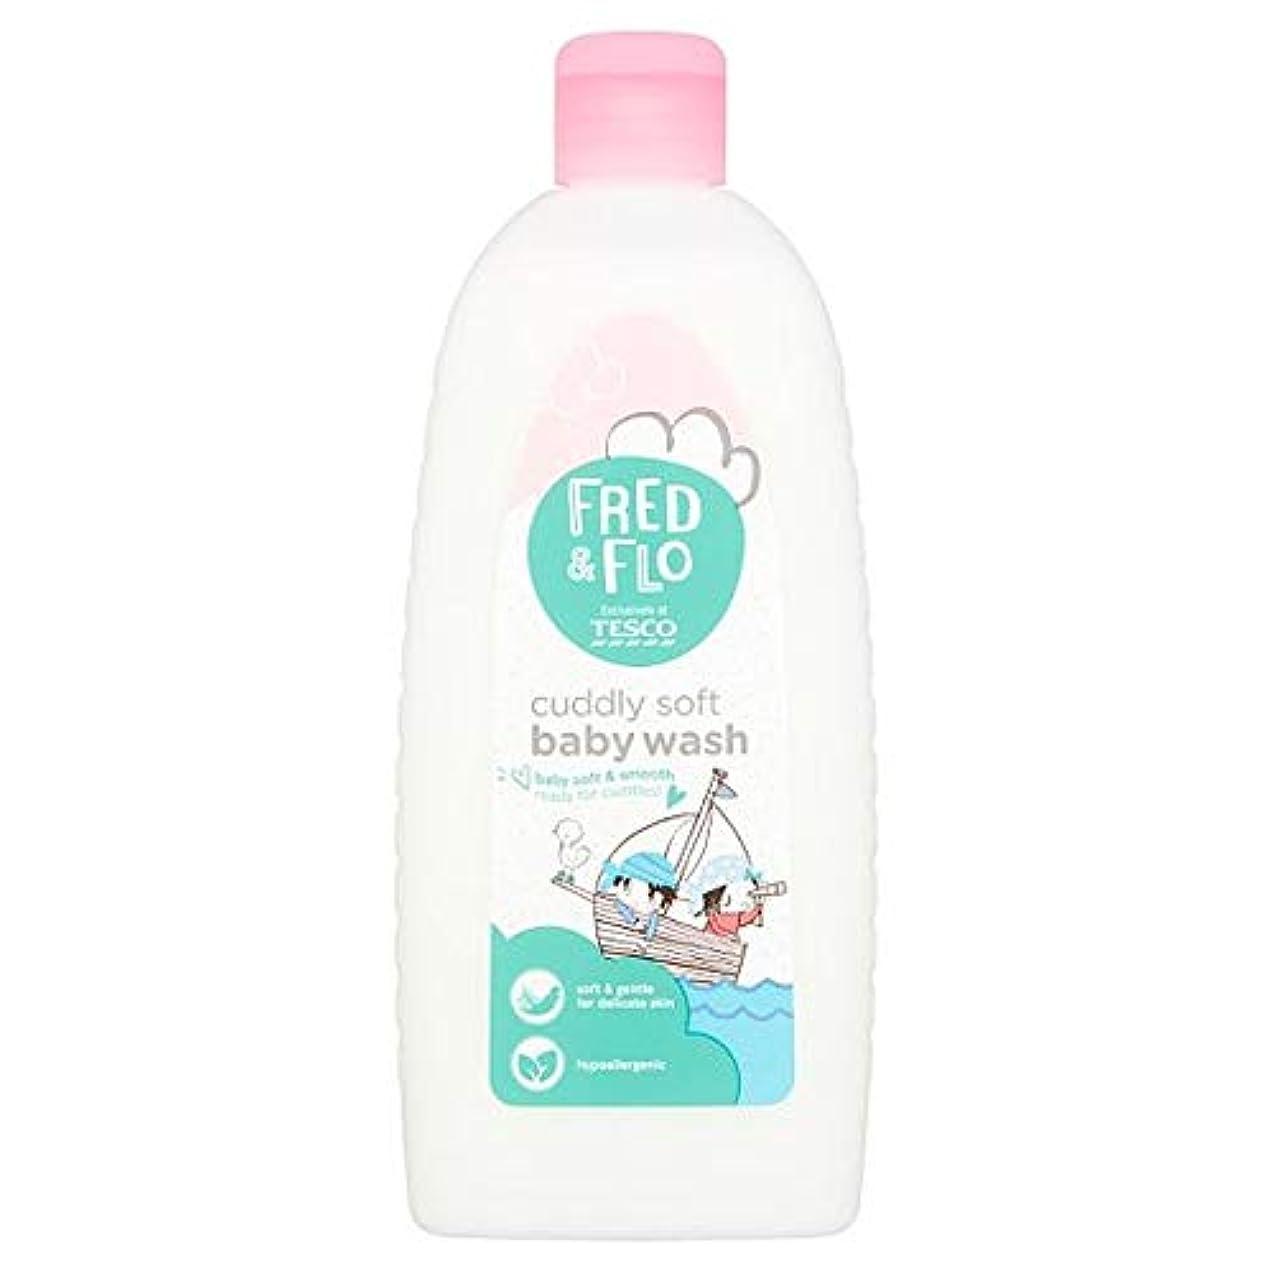 早熟ドキュメンタリー面白い[Fred & Flo] フレッドとFloのかわいいソフトボディ洗剤500ミリリットル - Fred And Flo Cuddly Soft Bodywash 500Ml [並行輸入品]